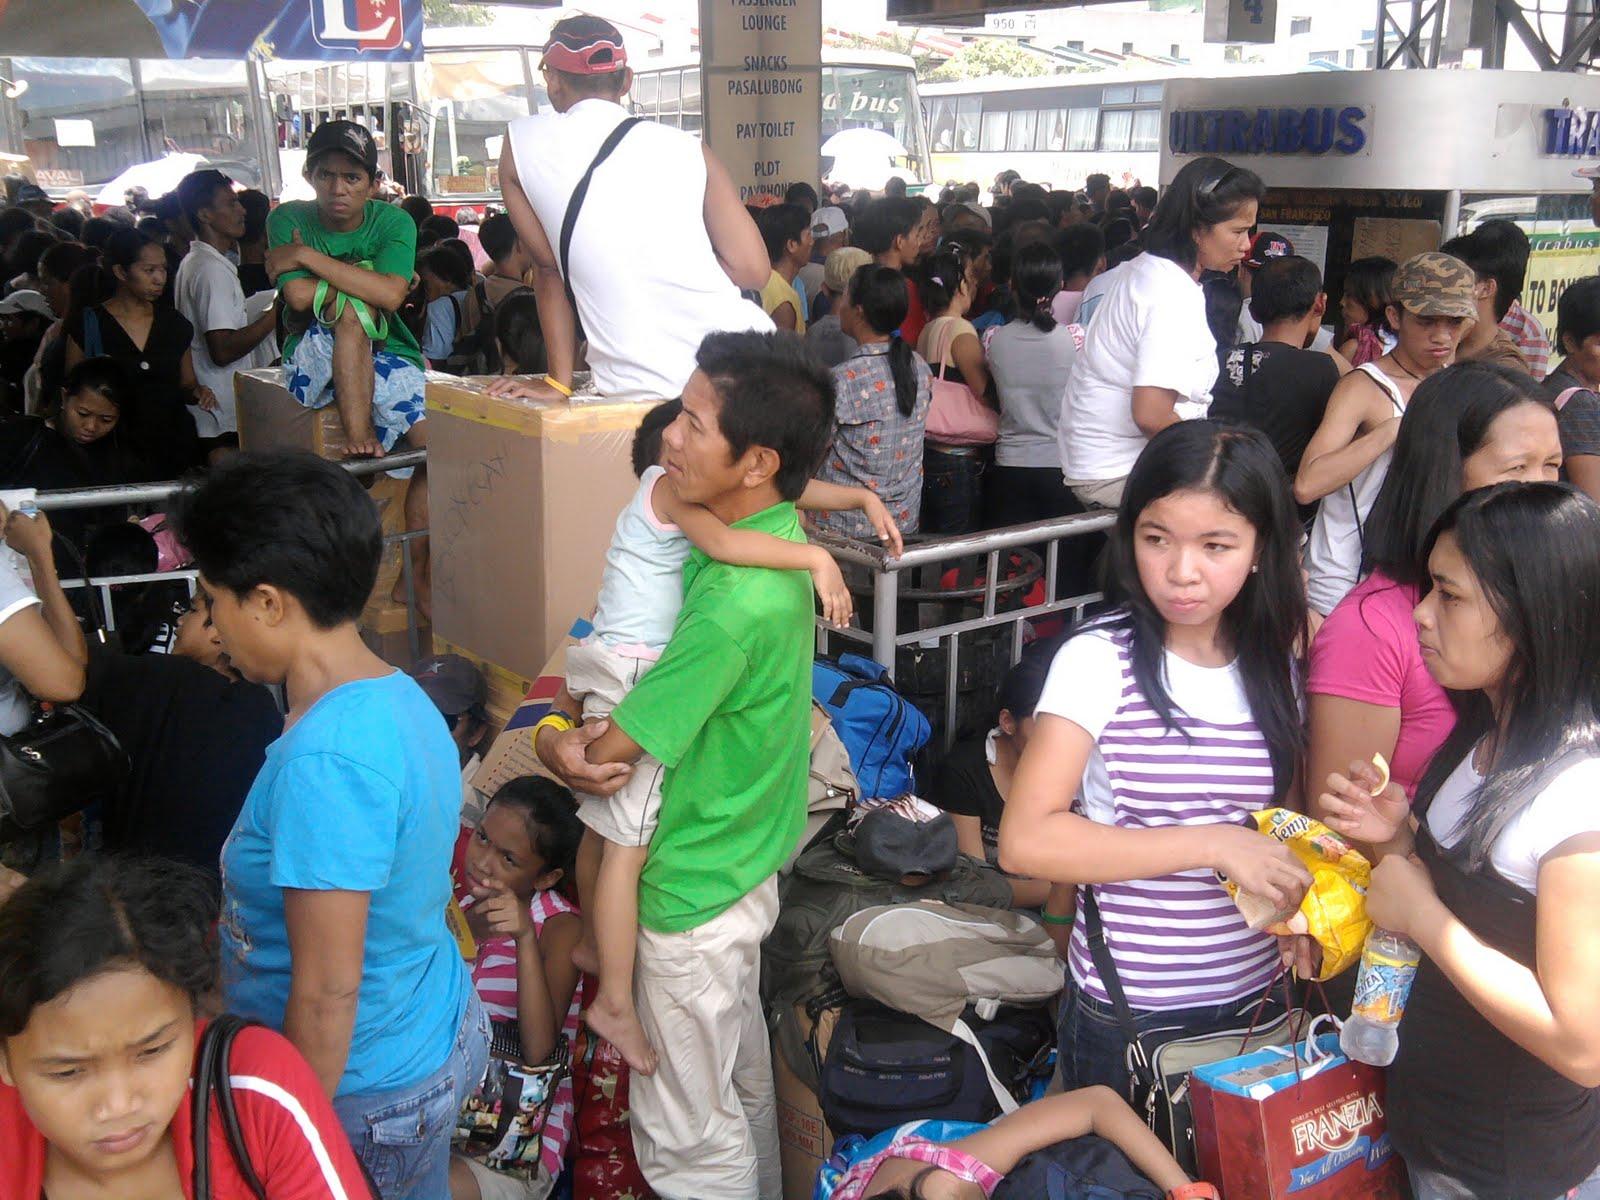 gaano kahalaga ang buhay ng tao Nagpapalakas ito ng loob ng isang tao para makipagsapalaran sa buhay  ang  kahalagahan ng edukasyon (tagalog na sanaysay) ang pagkakaroon ng.